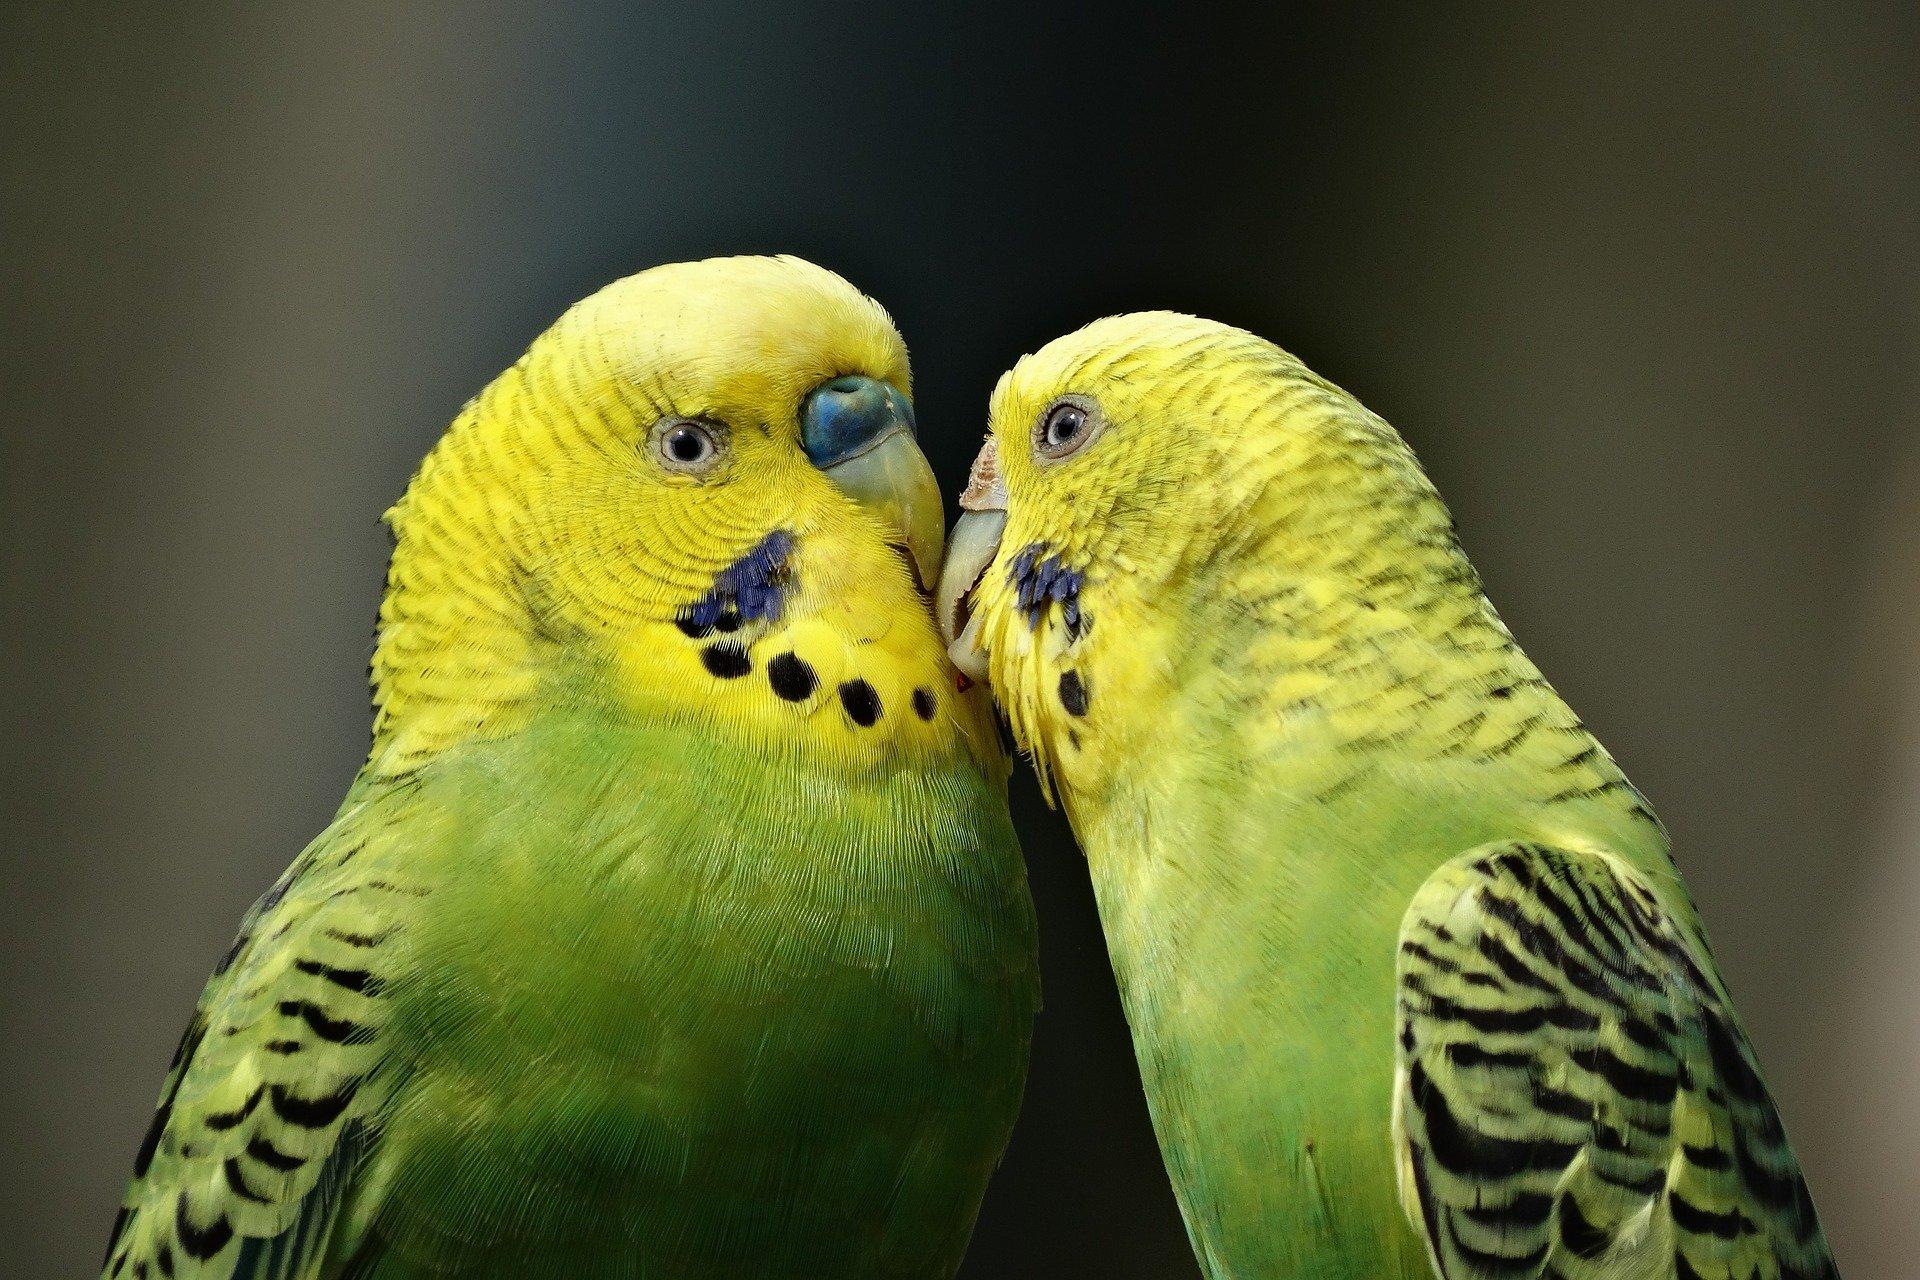 parrots-1729965_1920.jpg